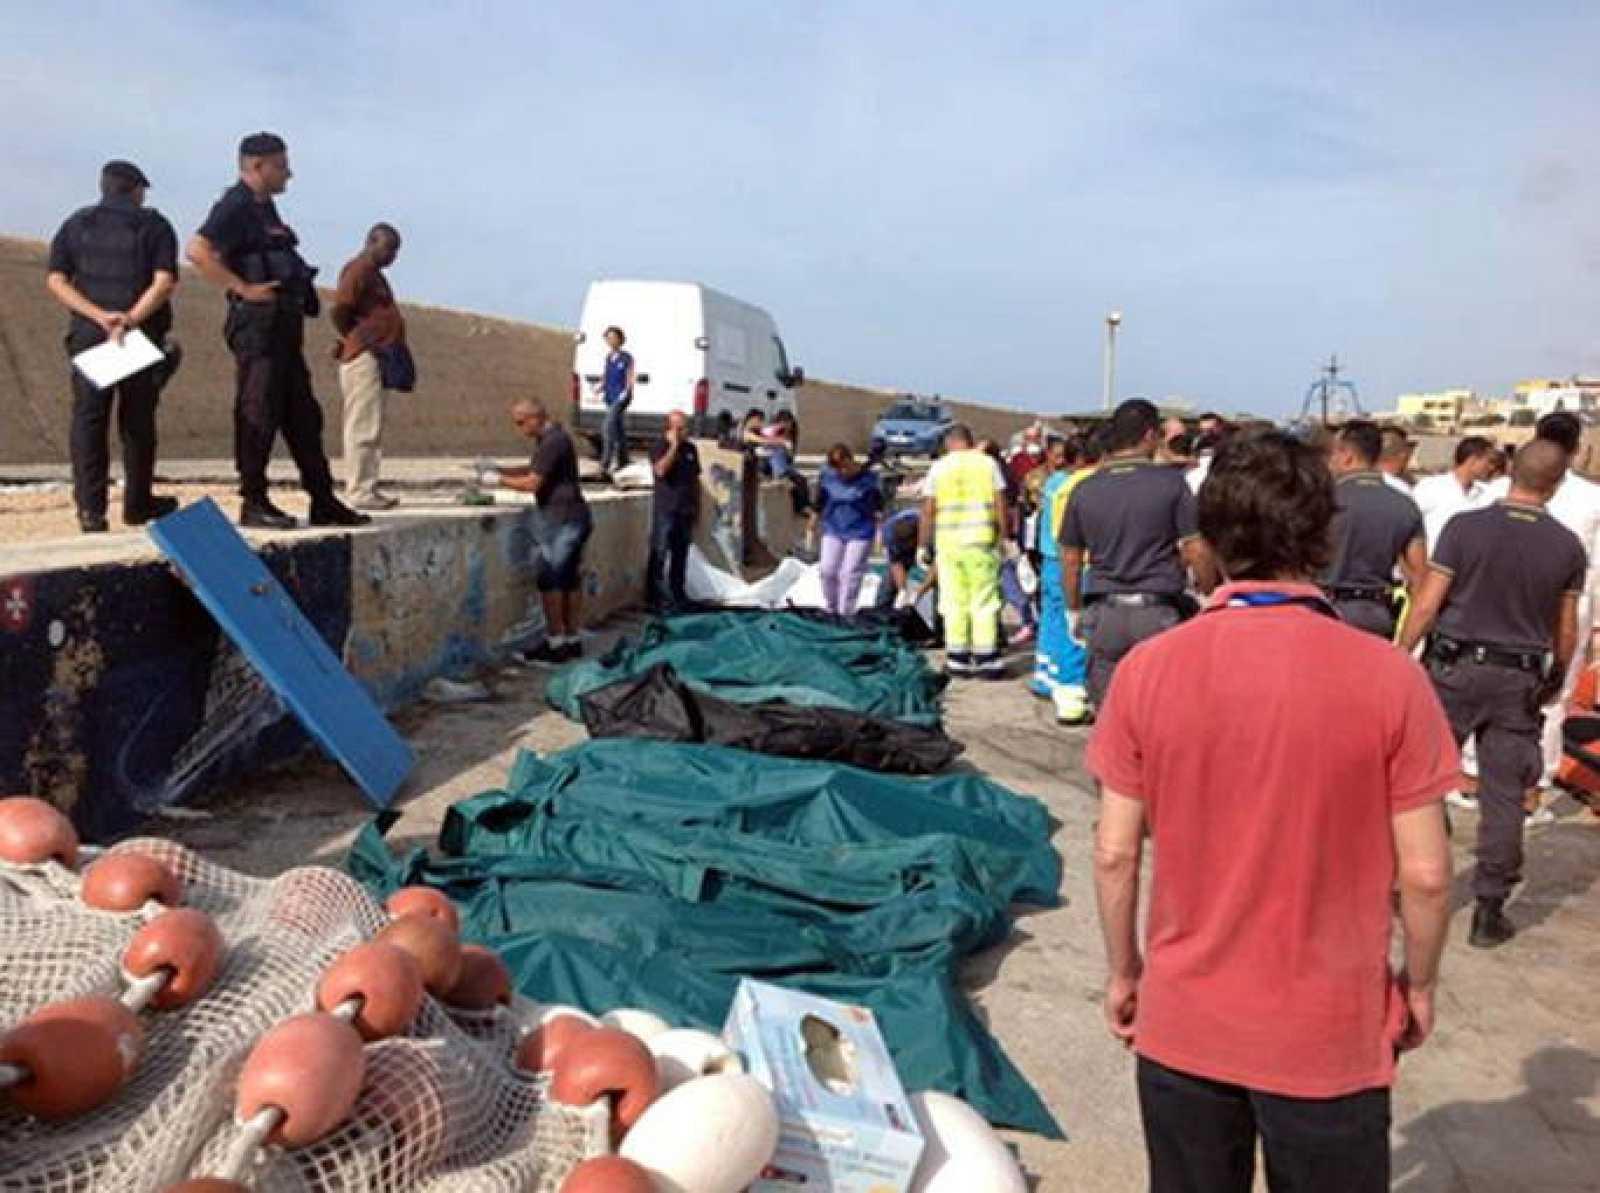 Guardacostas y pescadores se reúnen en el puerto de Lampedusa a donde han llegado decenas de cadáveres.